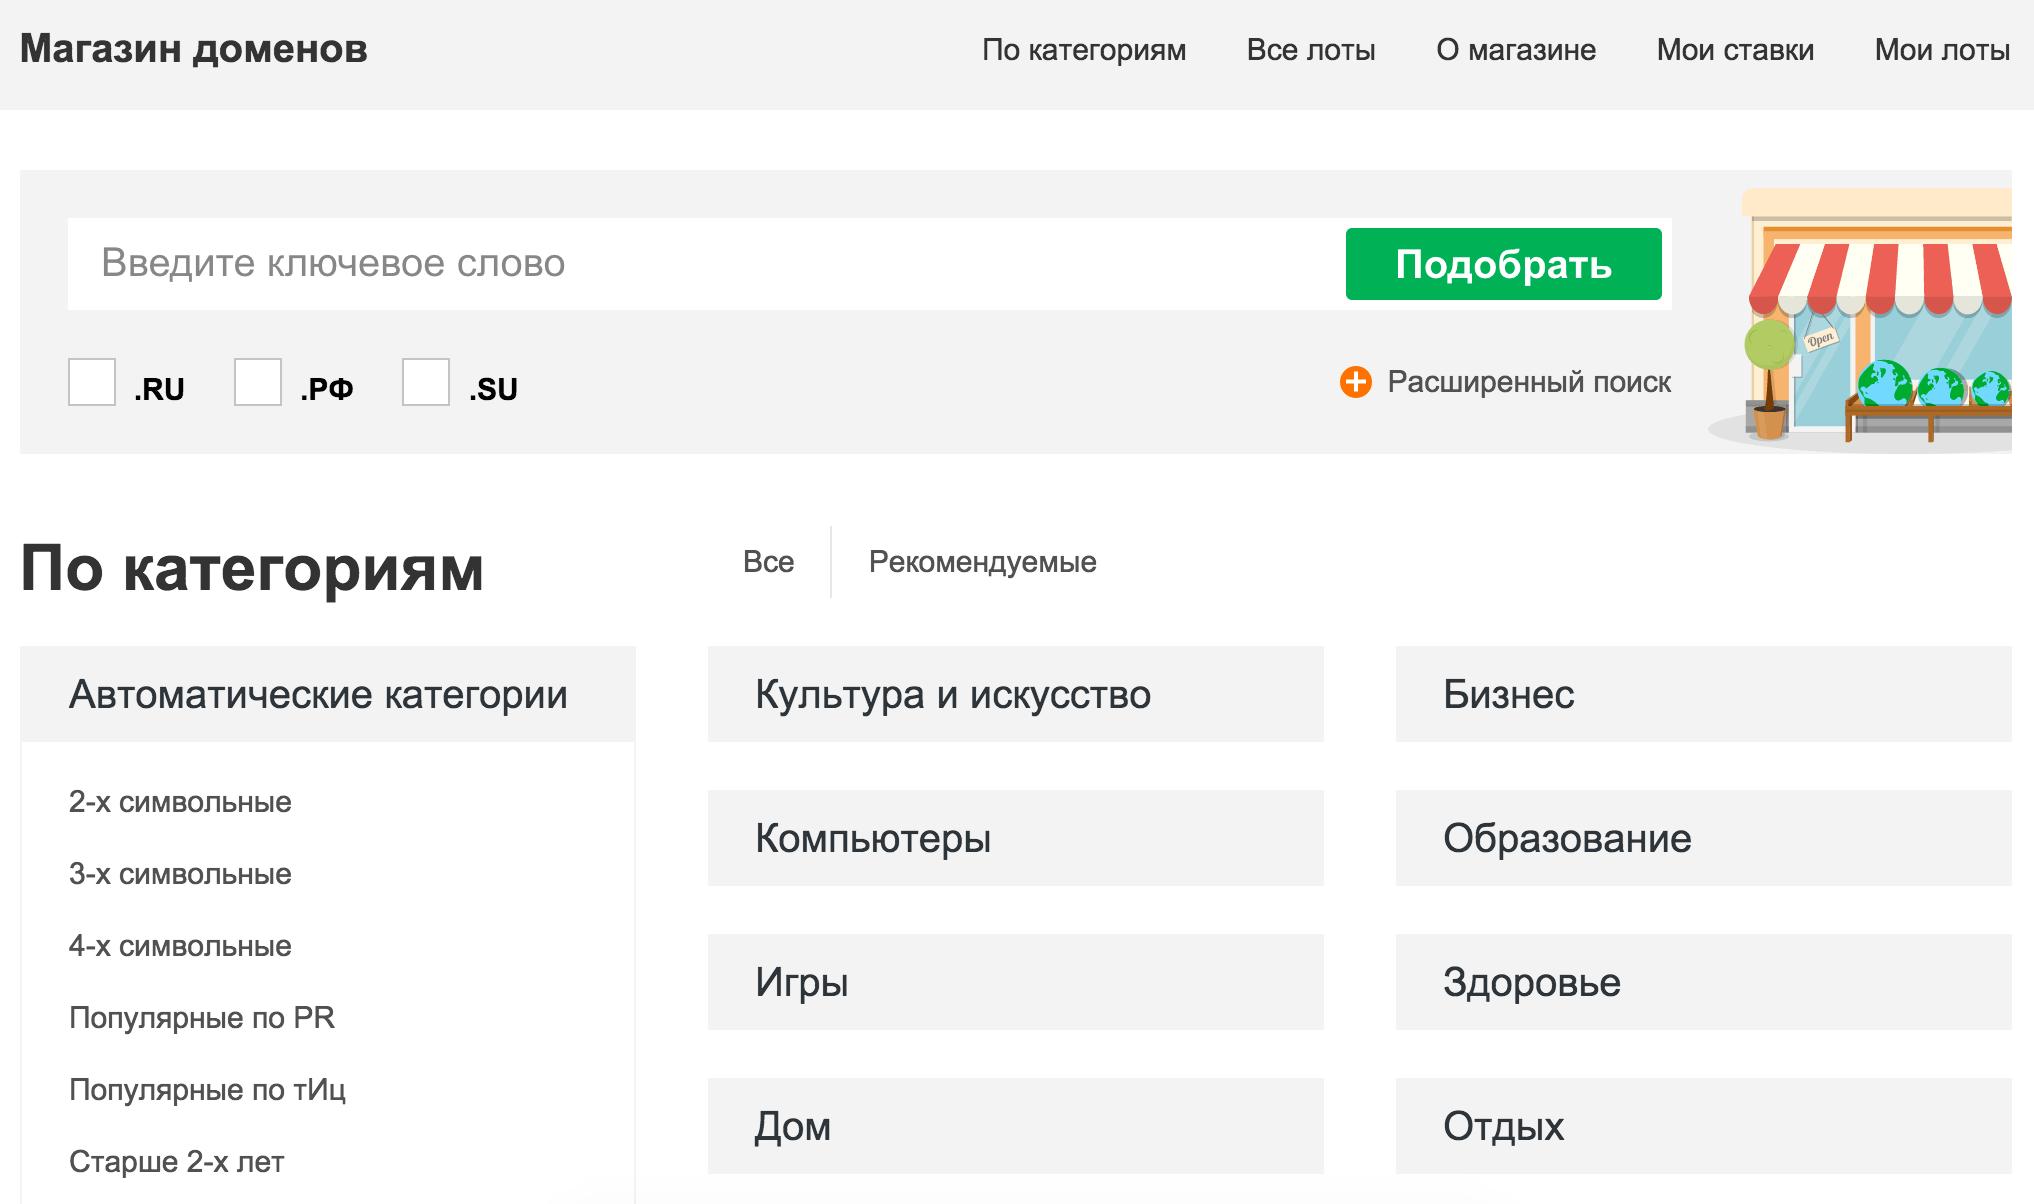 категории магазина доменов